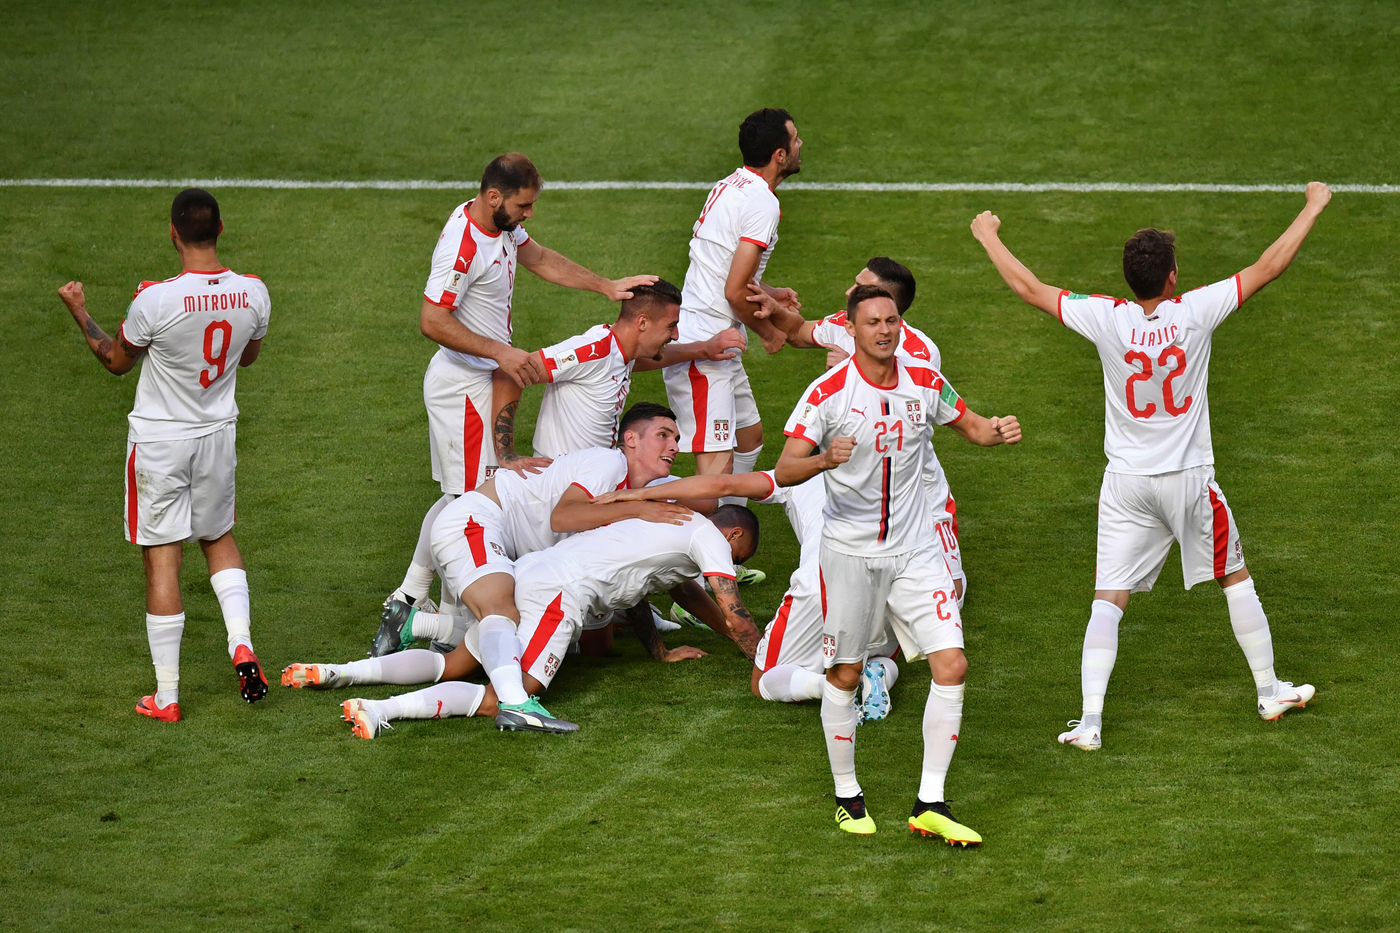 Romania-Serbia 14 ottobre: si gioca per la quarta giornata del gruppo 4 della Lega C della Nations League. E' uno scontro promozione.